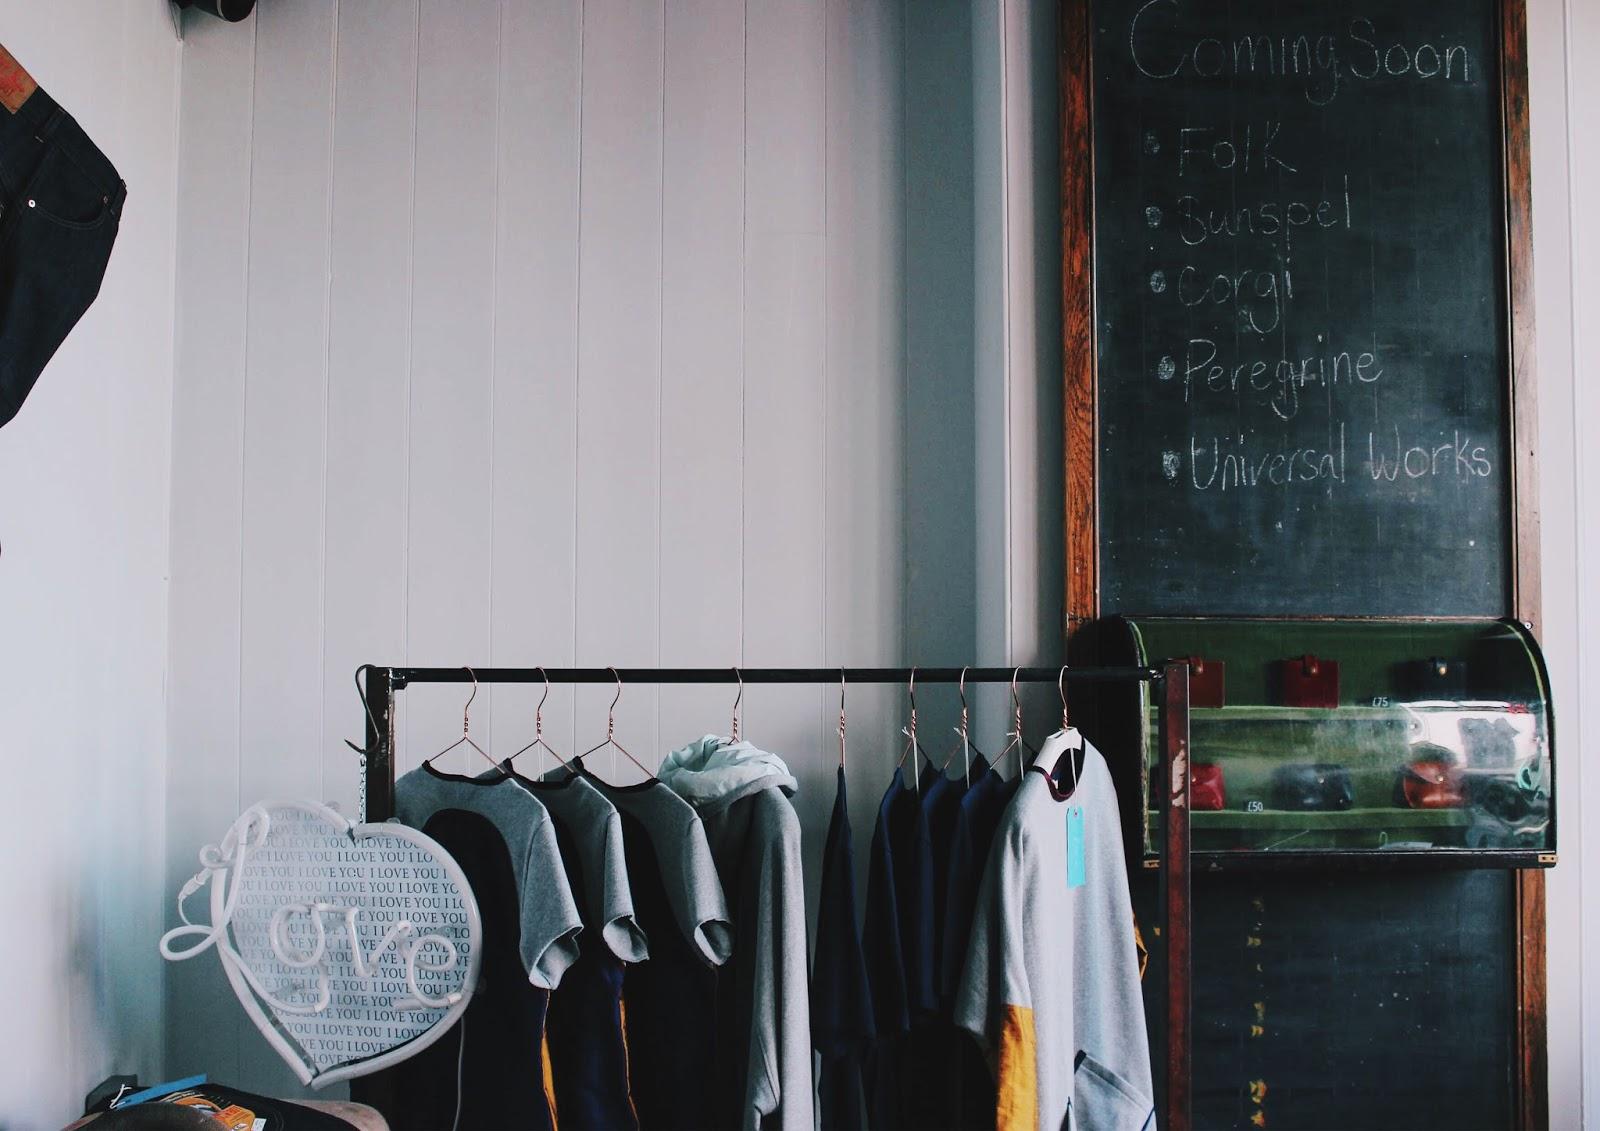 Margate based clothing shop